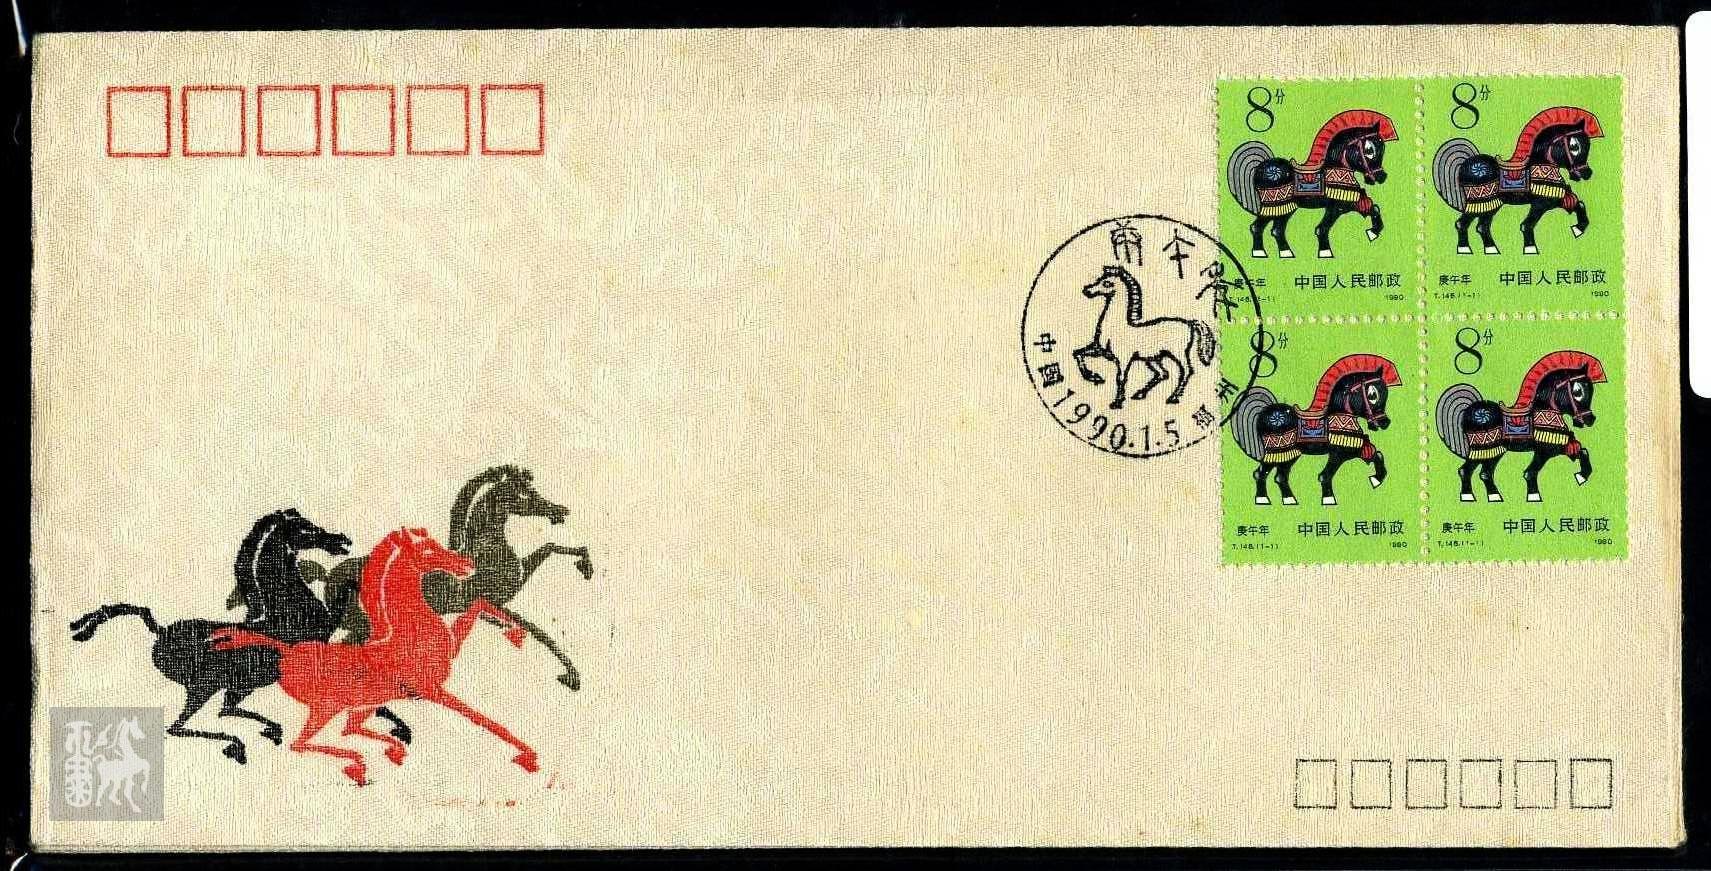 《中港澳台儿童邮票》典藏册_乐乐简笔画